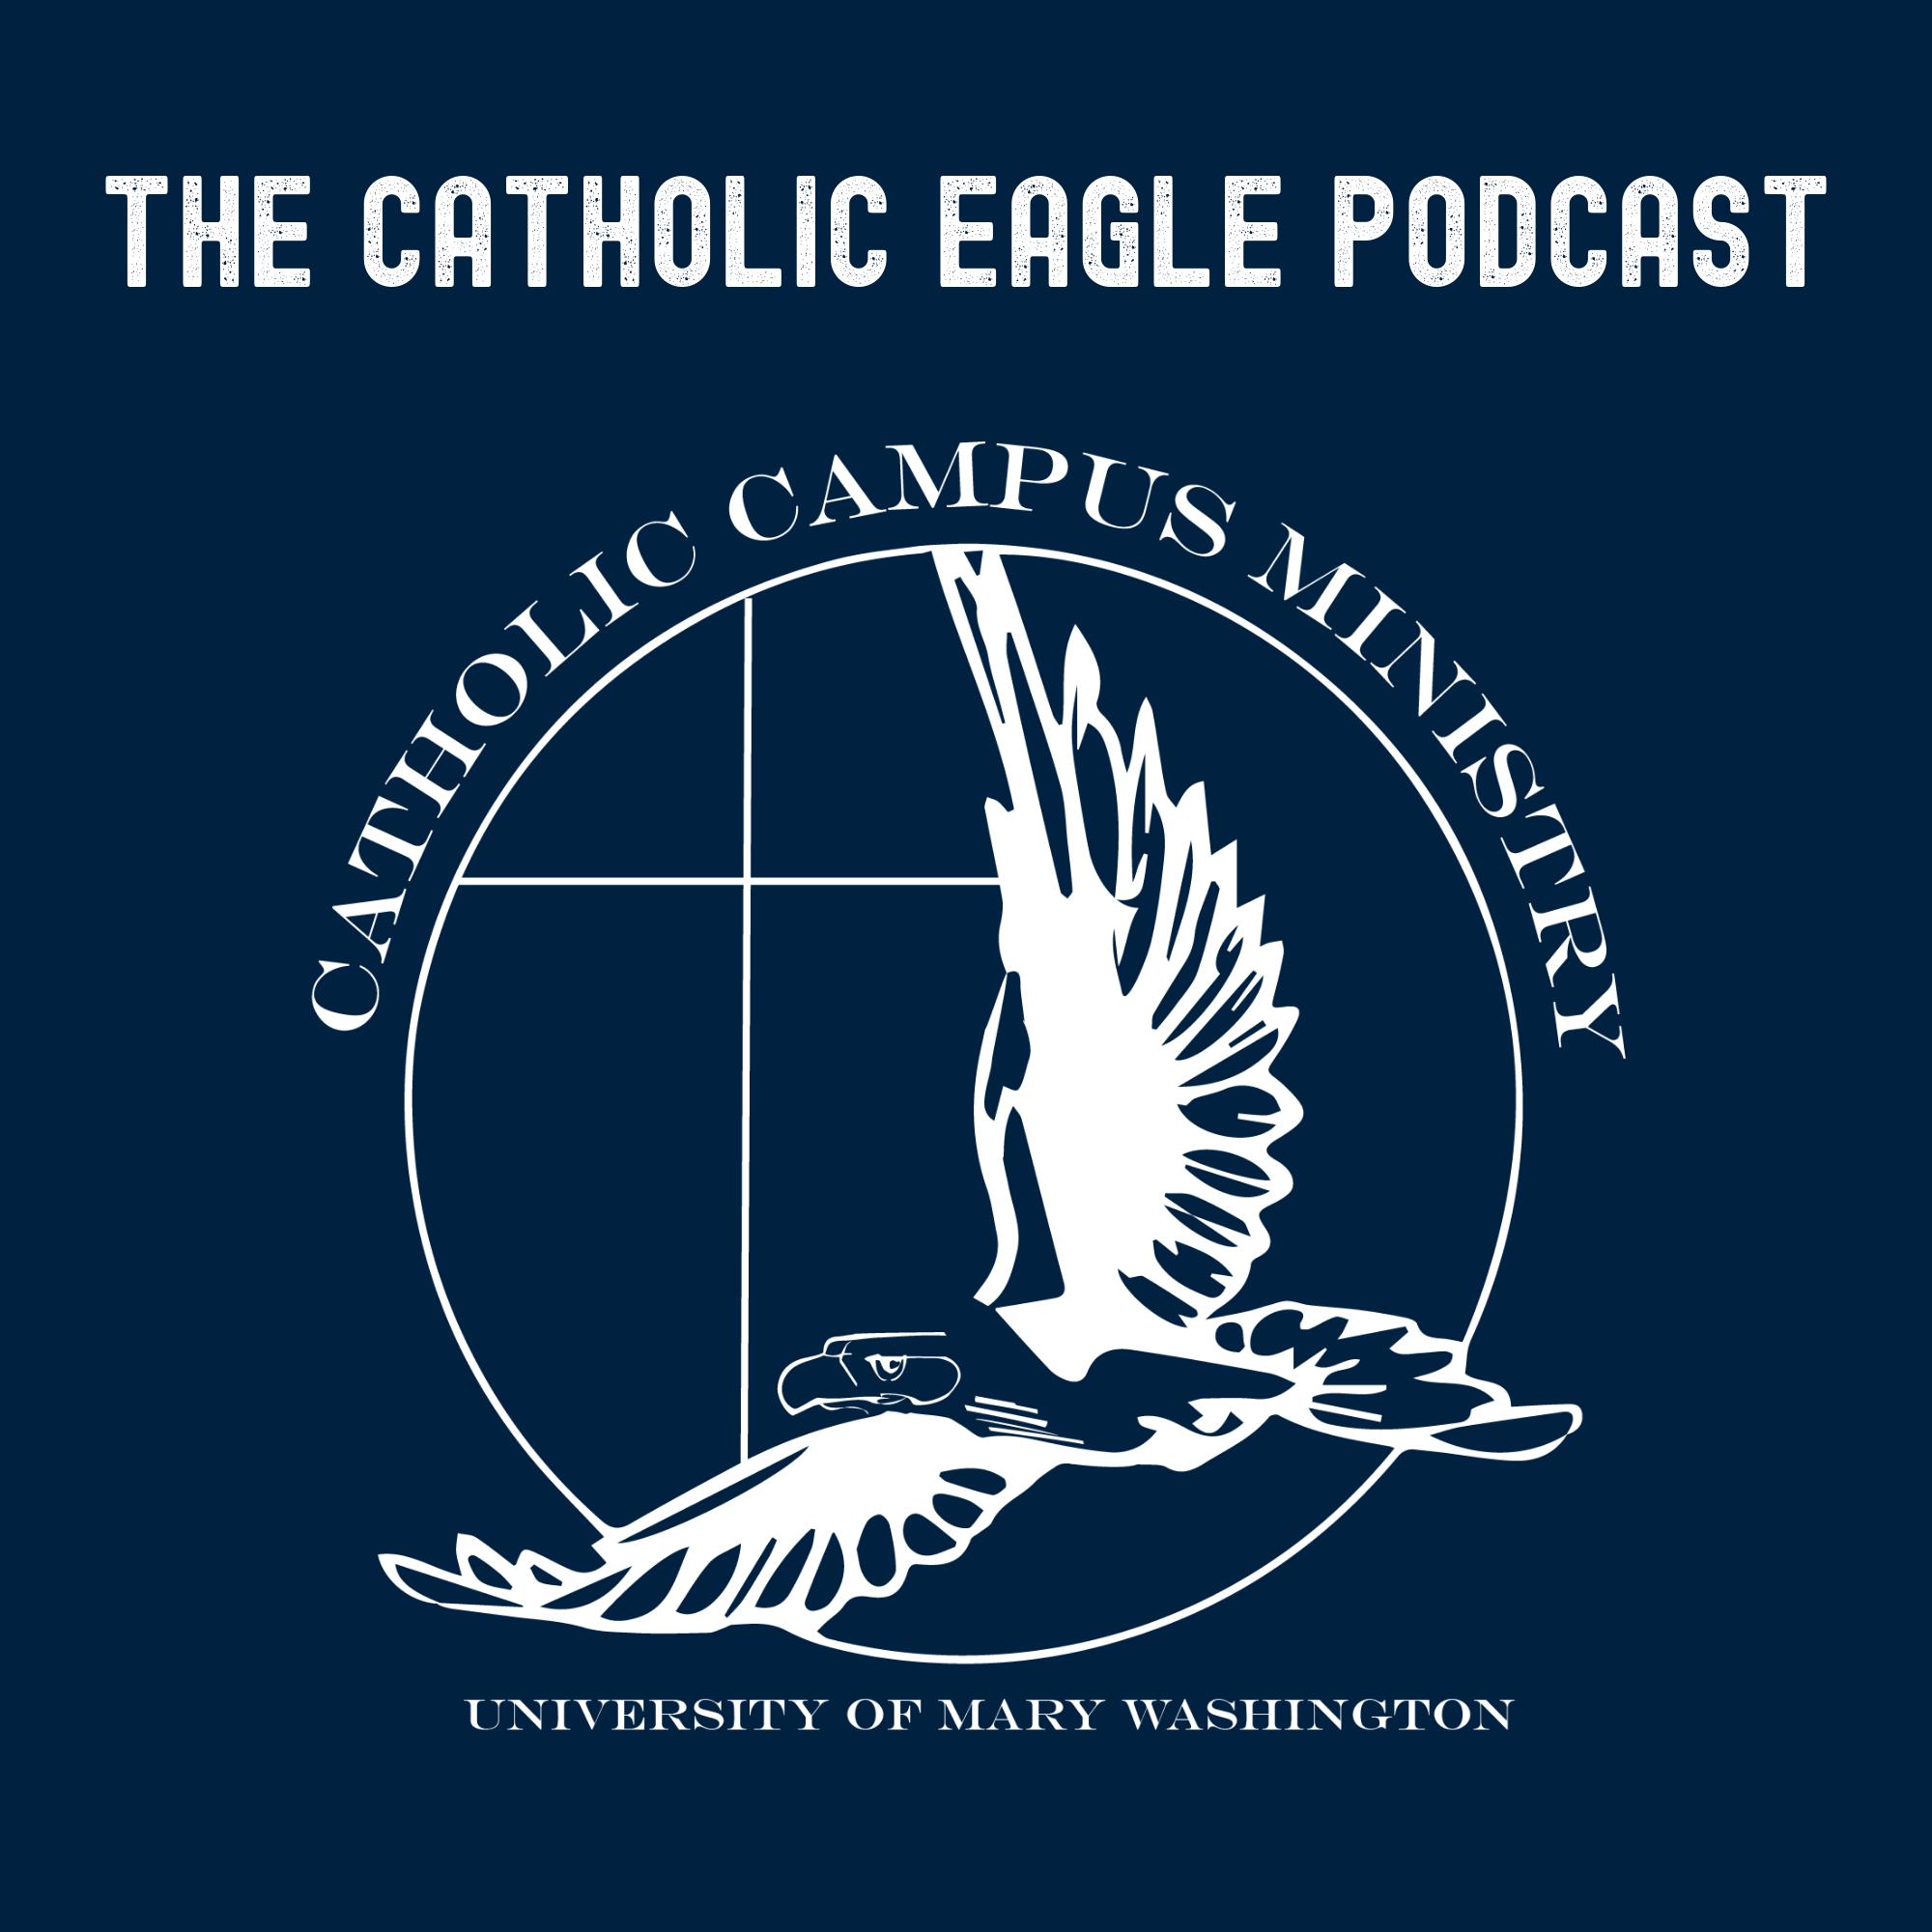 The Catholic Eagle Podcast